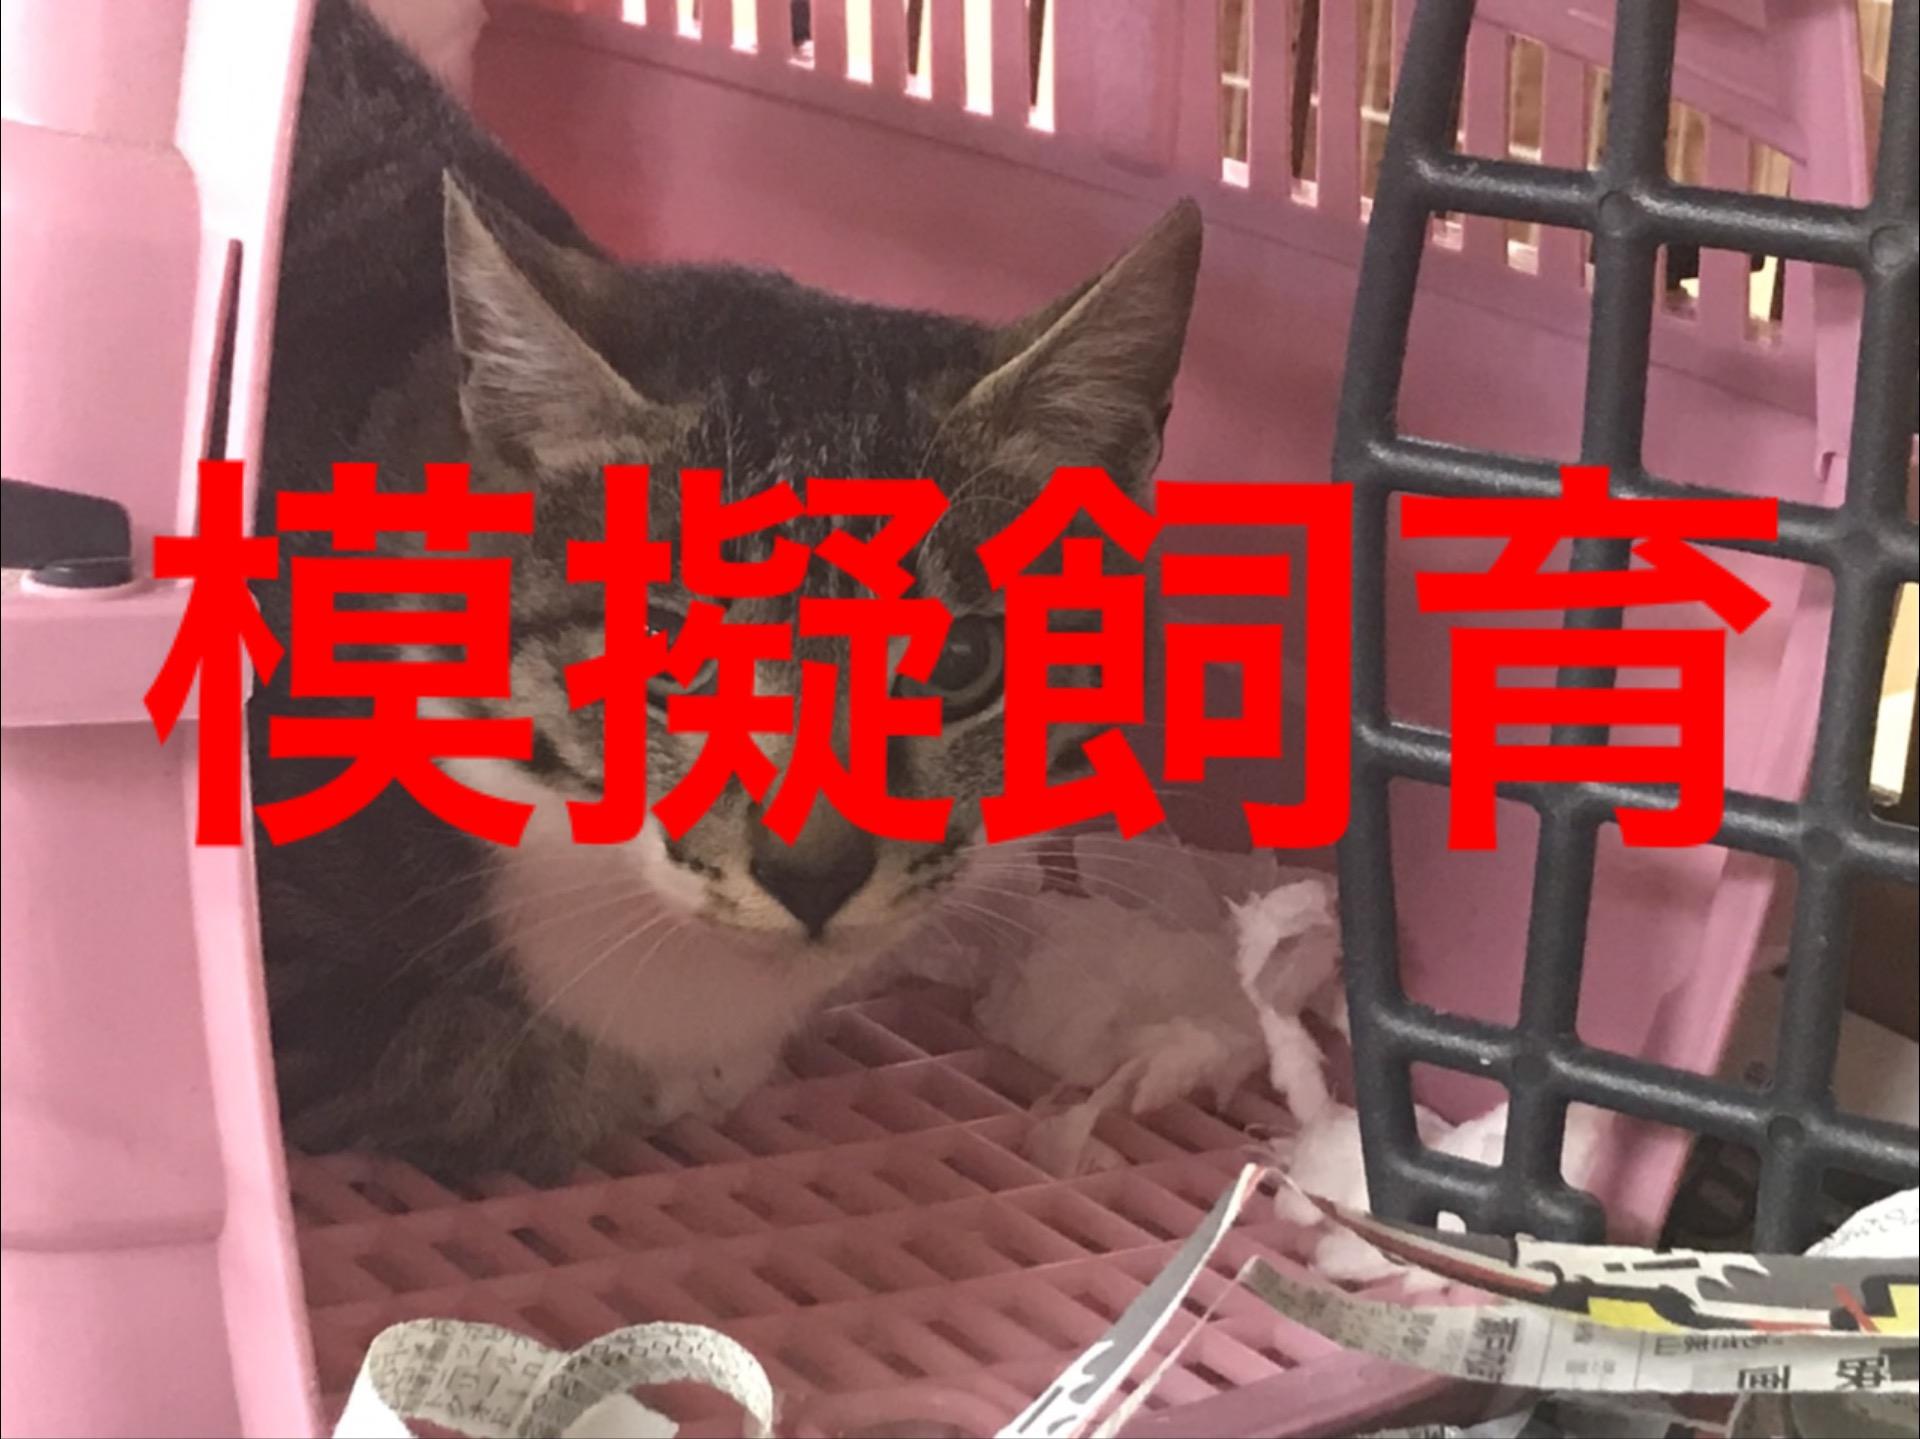 <p>&nbsp;</p> <ul> <li>猫種:日本猫 キジトラ白</li> <li>性別:男の子</li> <li>名前:みーちゃん</li> <li>年齢:H30.9月生まれ</li> <li>保護経緯:飼い主様の諸事情により飼育困難になりました</li> </ul>